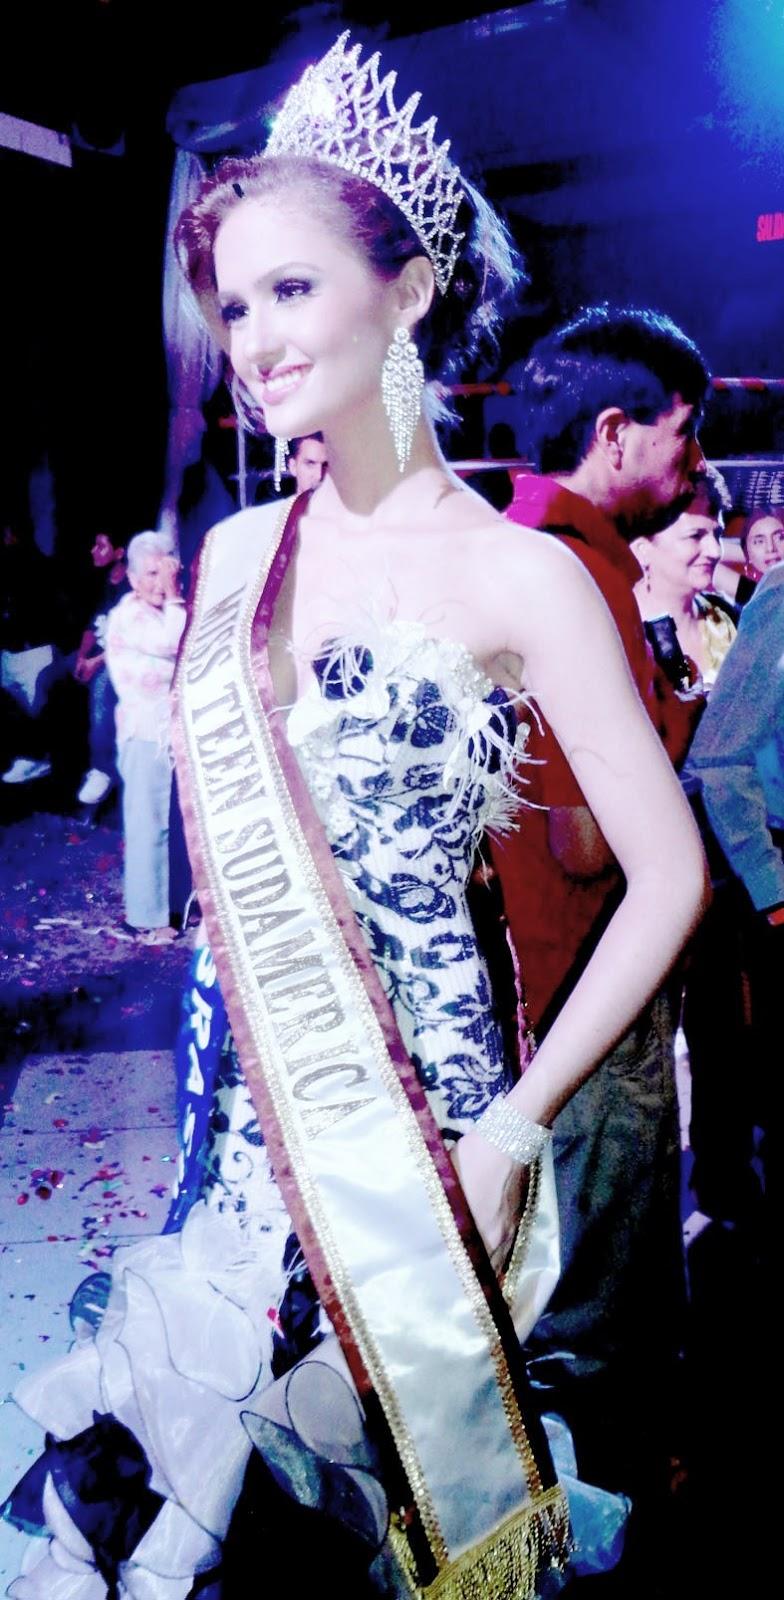 amanda paggi, miss teenager brasil 2012.  - Página 2 Misste11